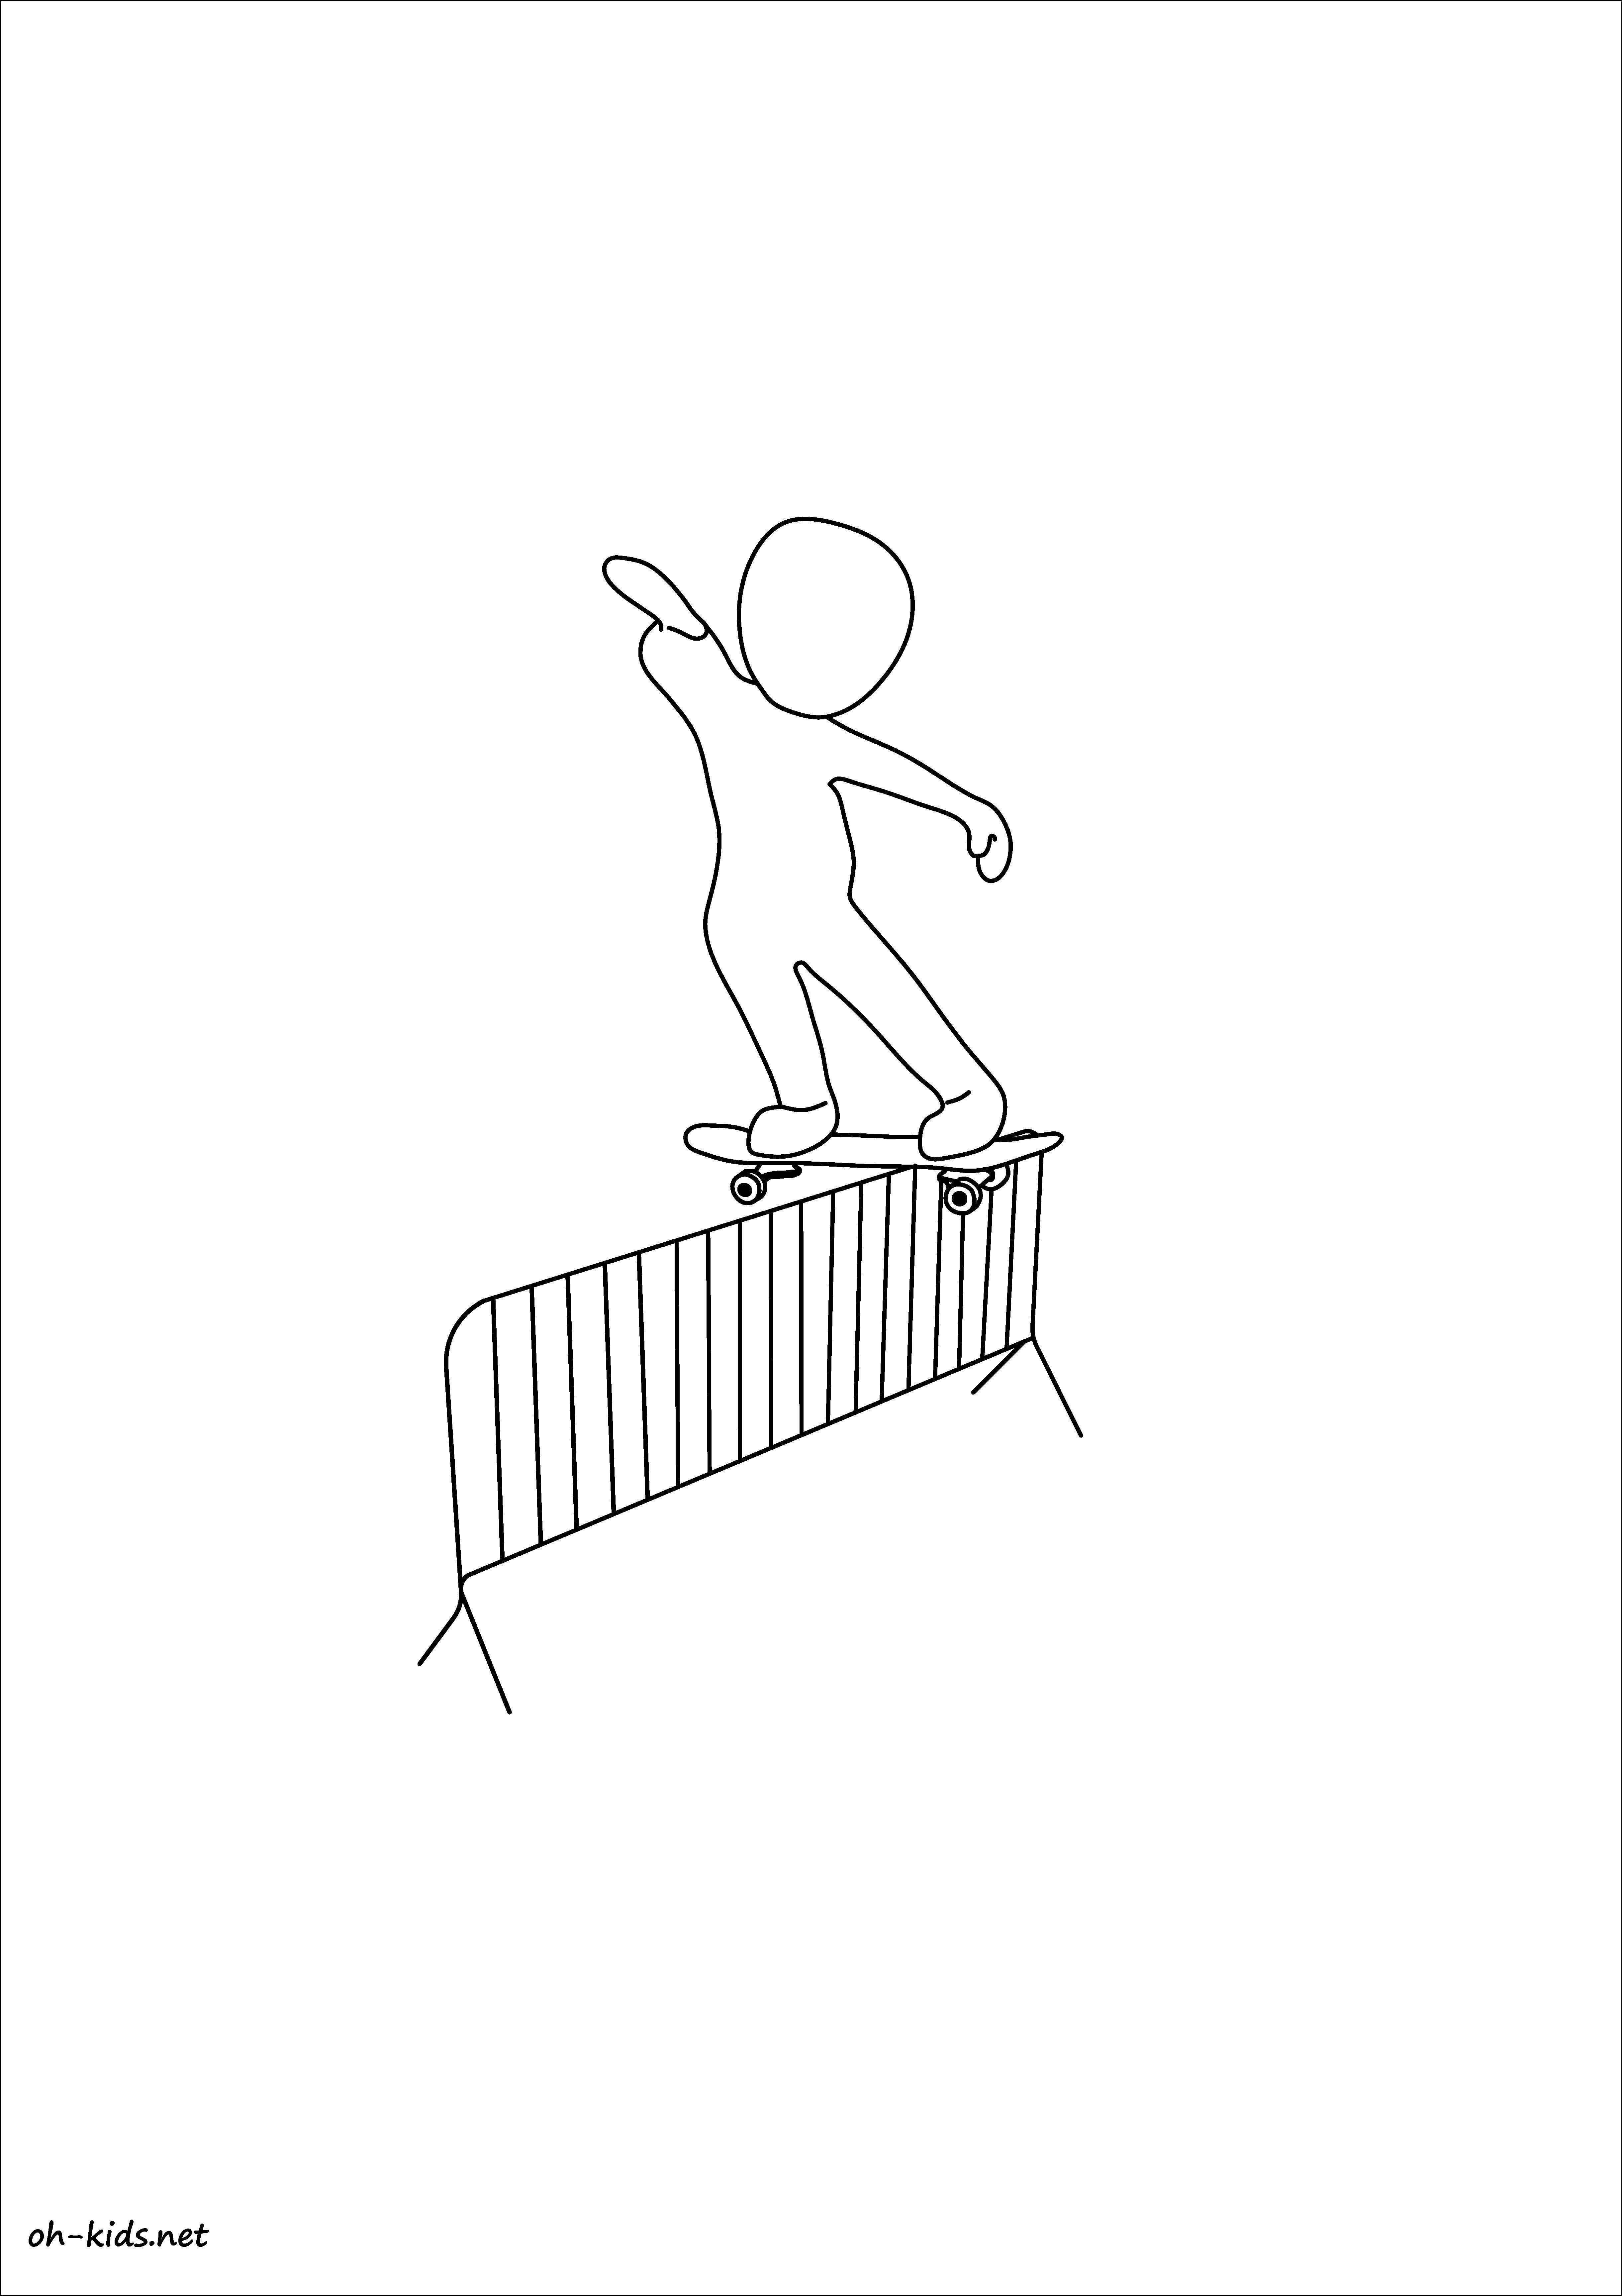 coloriage skateboard gratuit - Dessin #296